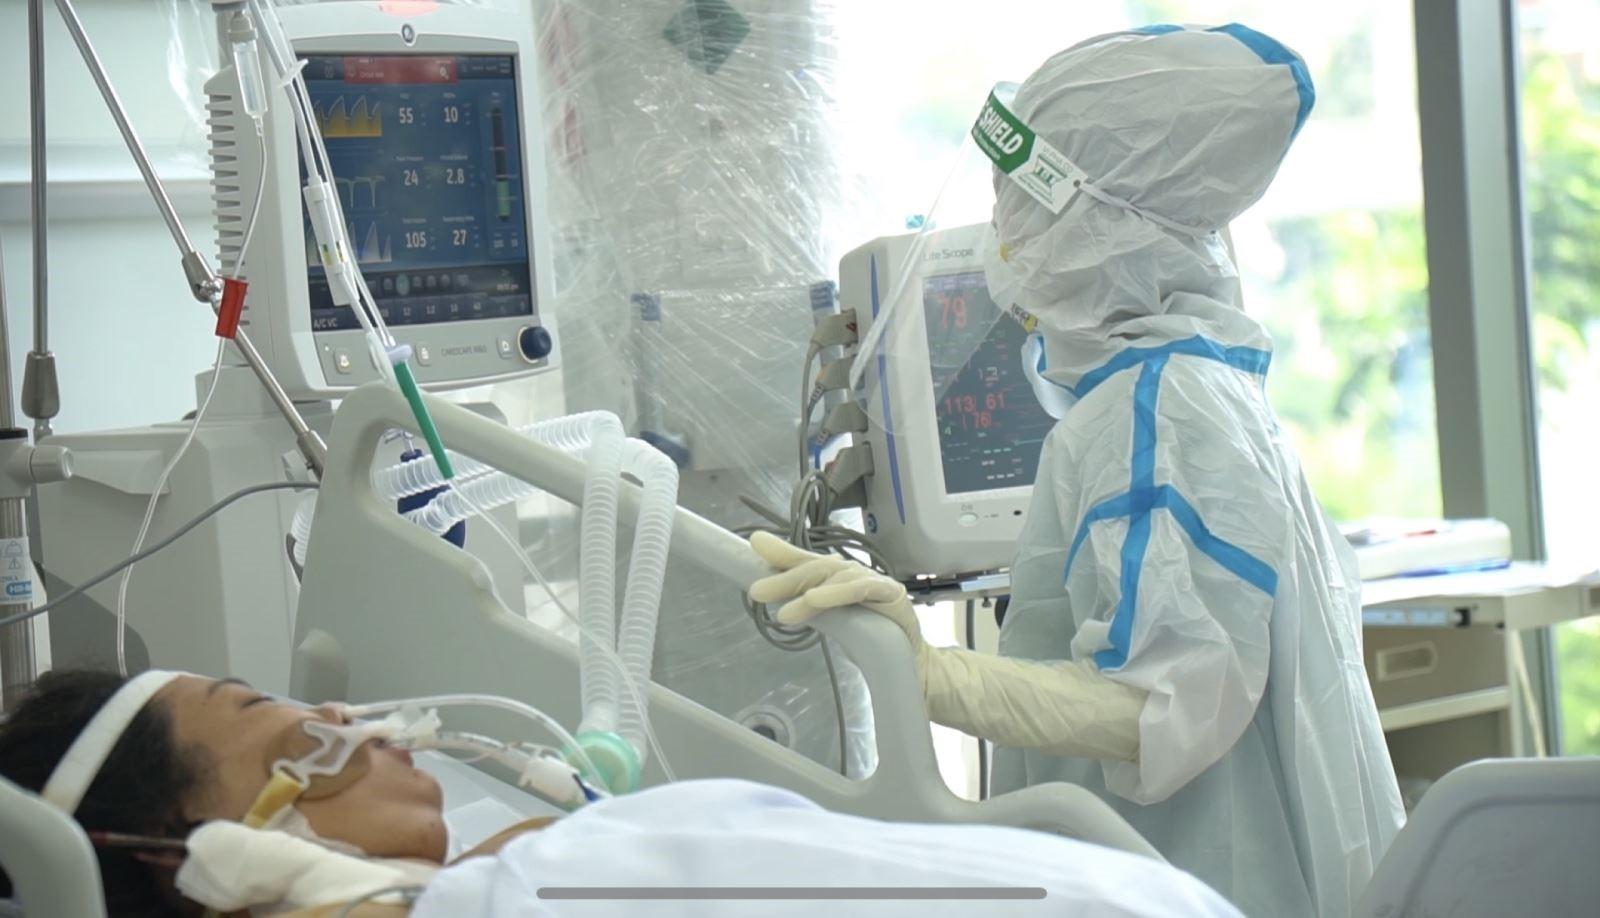 Cần biết: Bộ Y tế ban hành hướng dẫn chẩn đoán và điều trị COVID-19 phiên bản mới nhất - Ảnh 1.